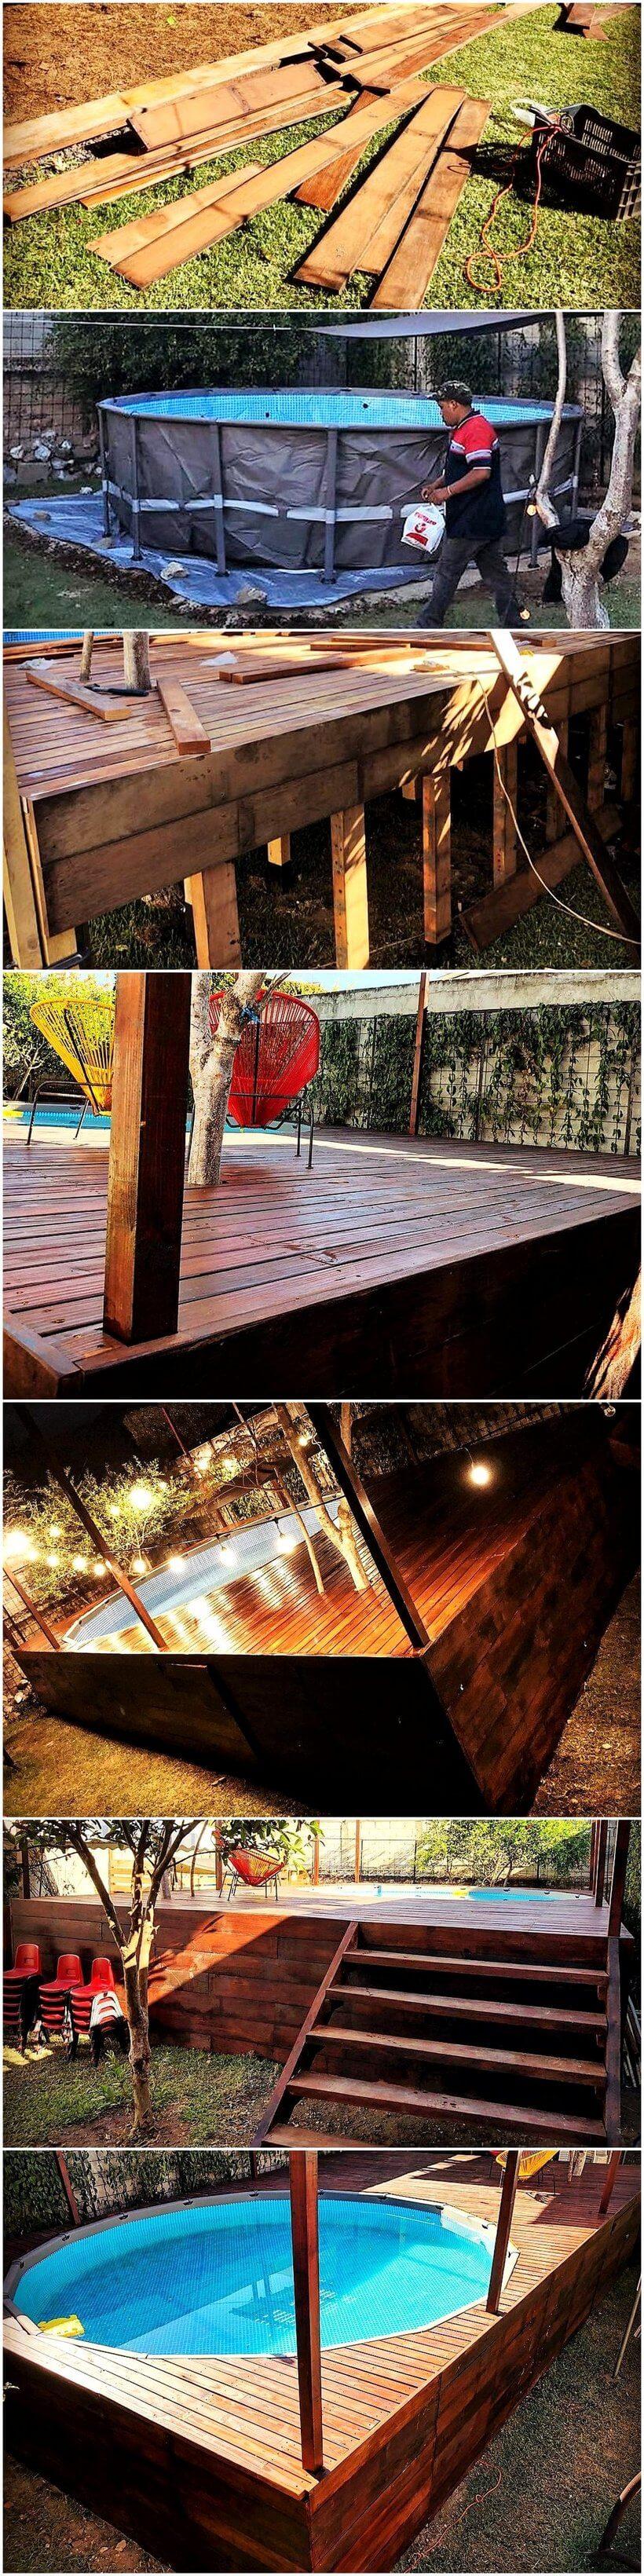 diy wood pallet pool deck